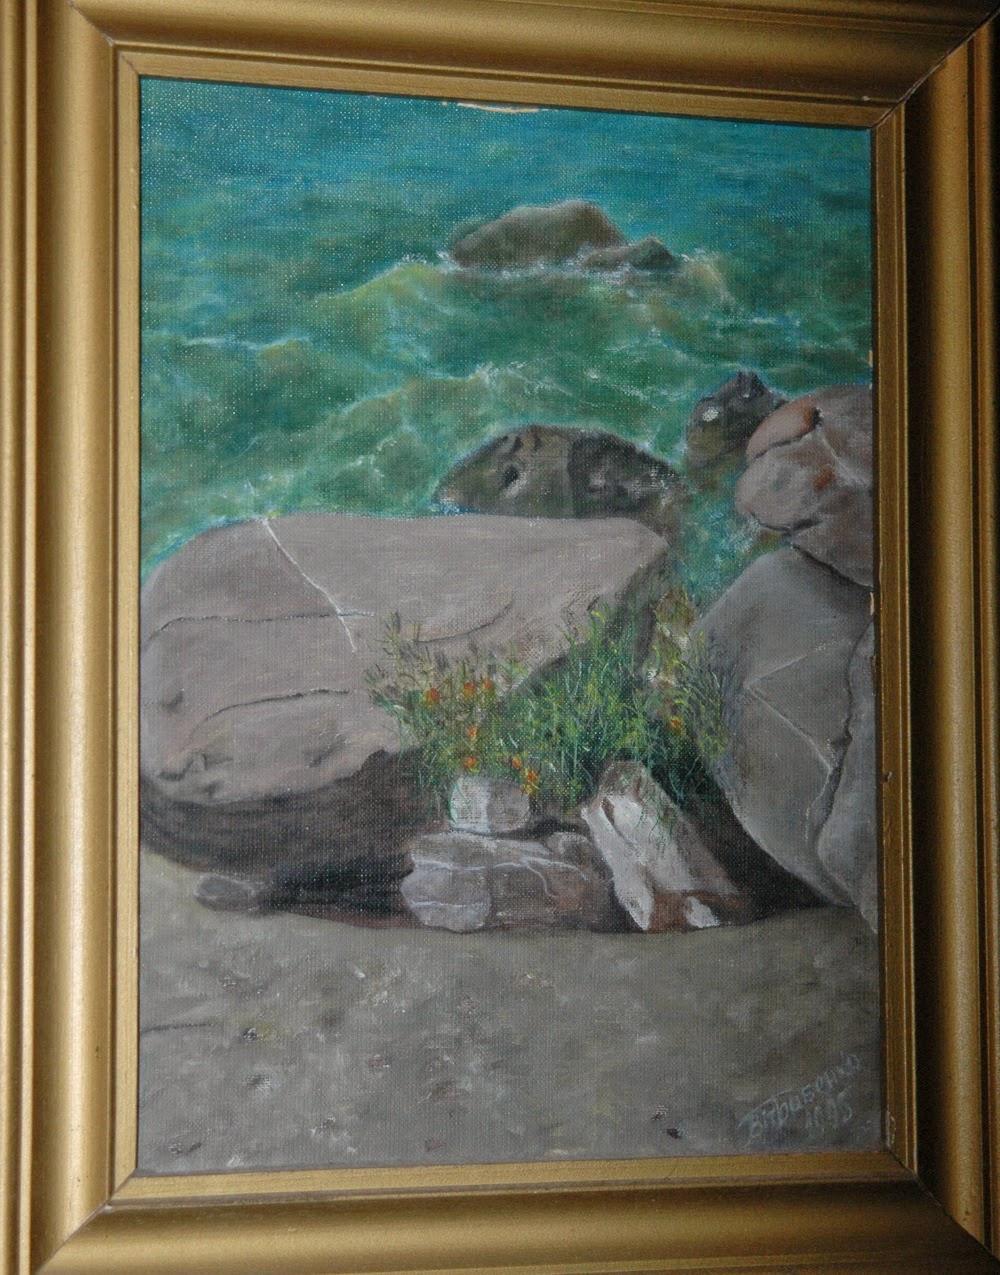 картина Виталия Бабенко Море и камни